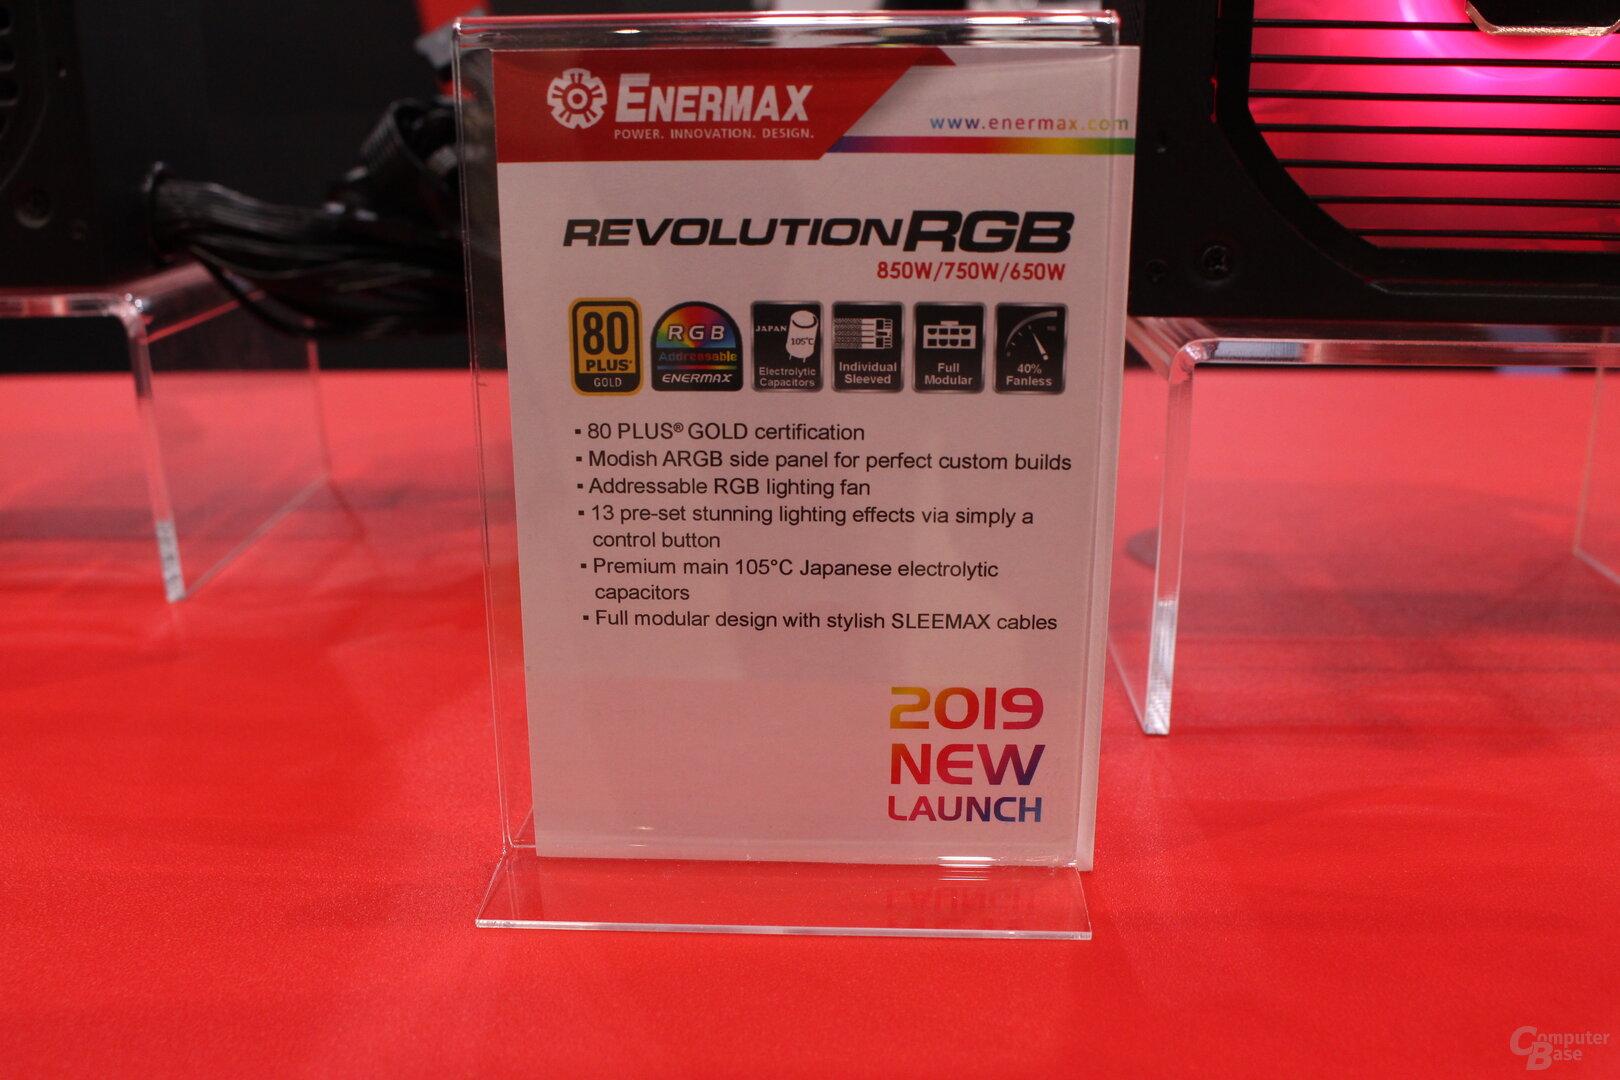 Enermax Revolution RGB